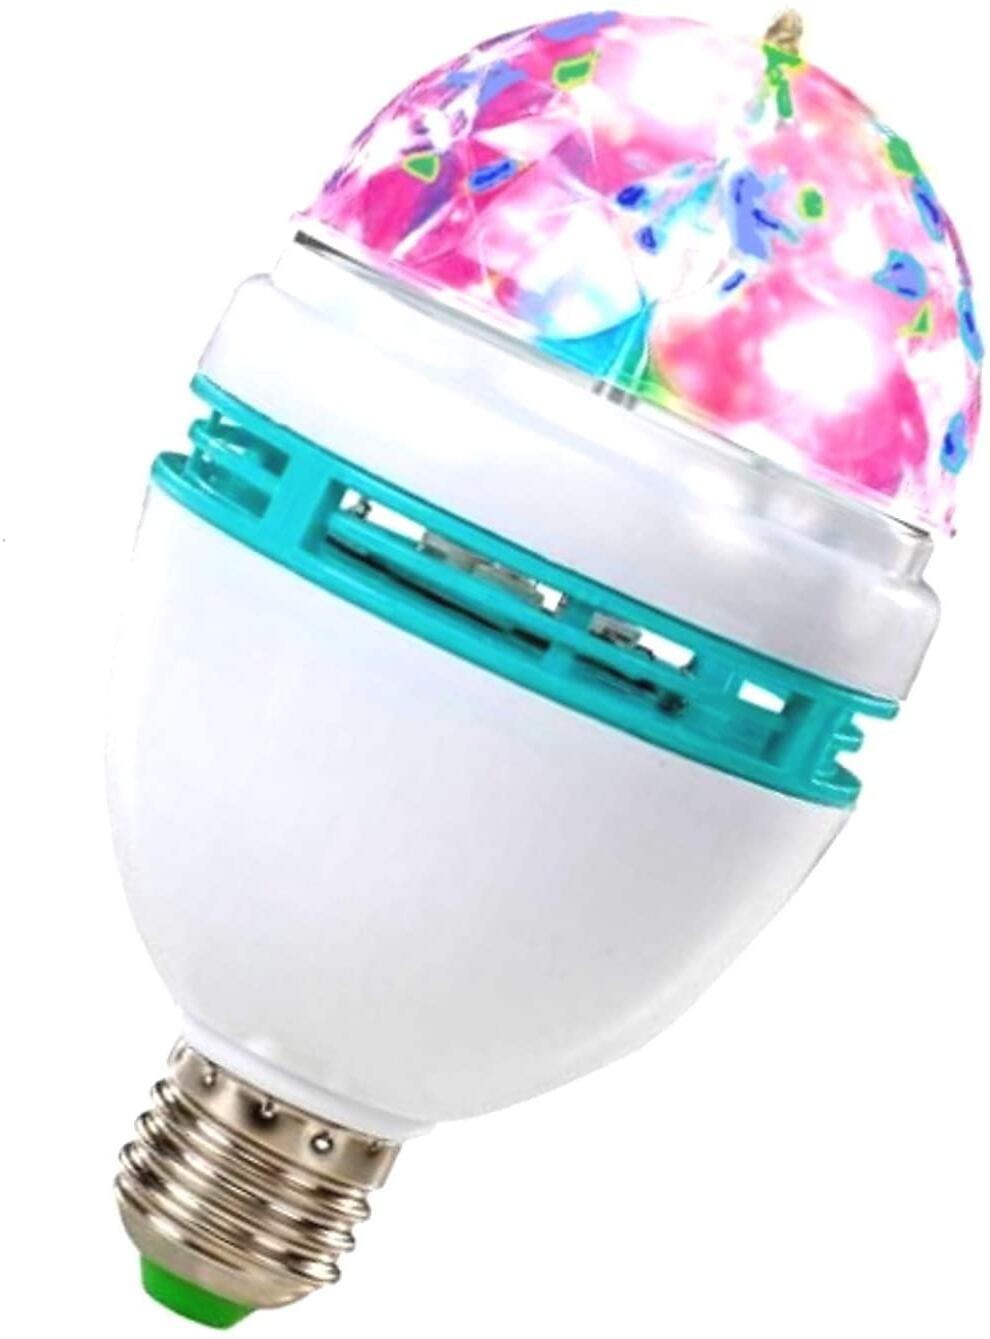 Quel est le prix d'une ampoule connectée ?